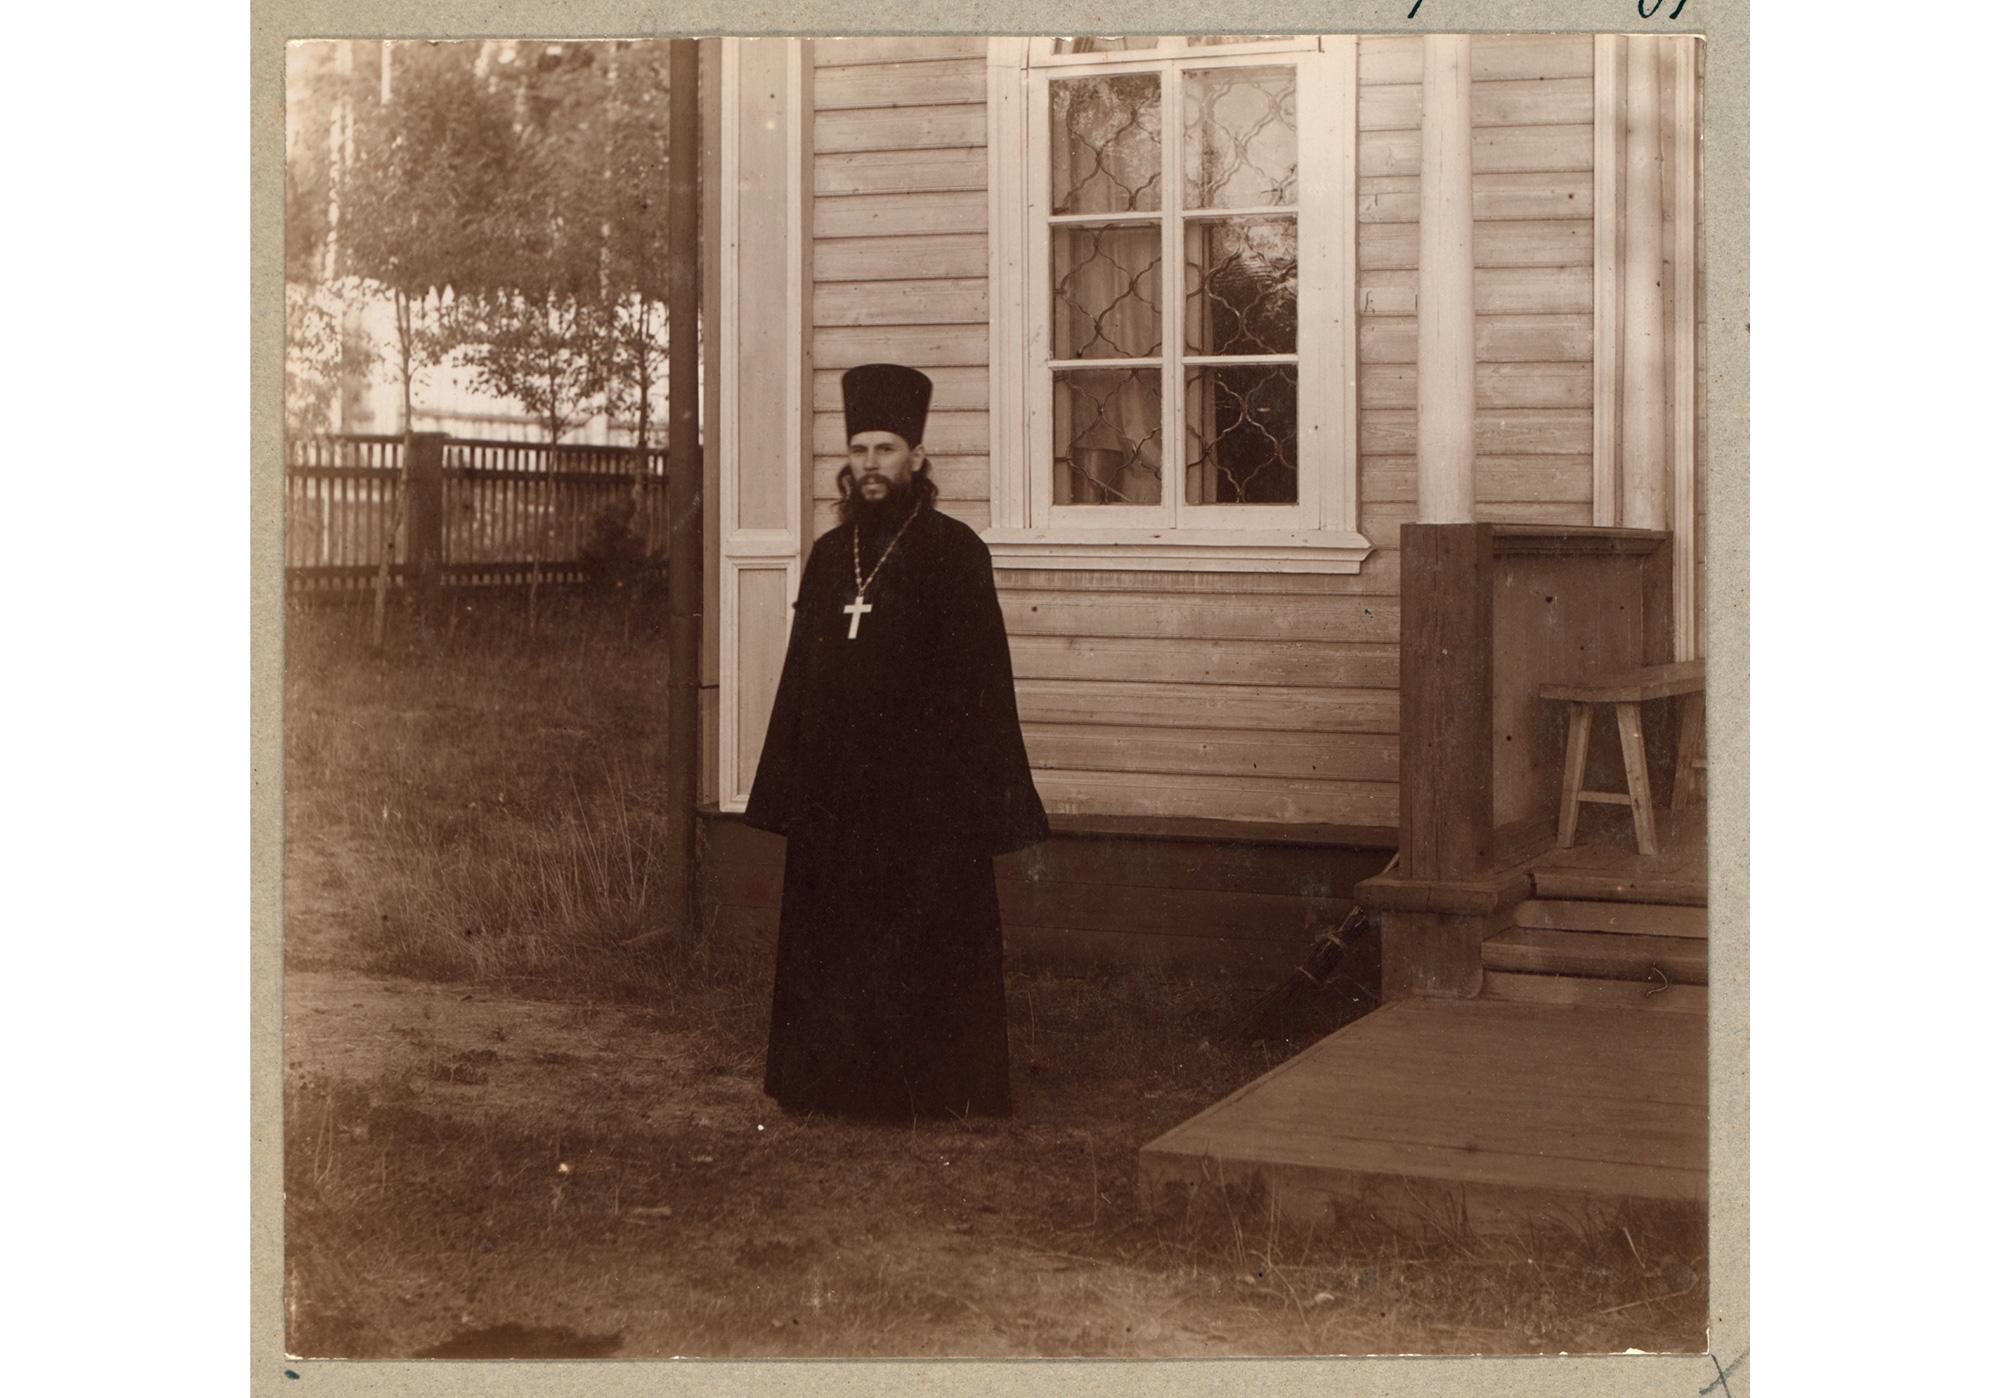 Igumen Xenofont, Vorsteher des Klosters in Werchoturje, 1910